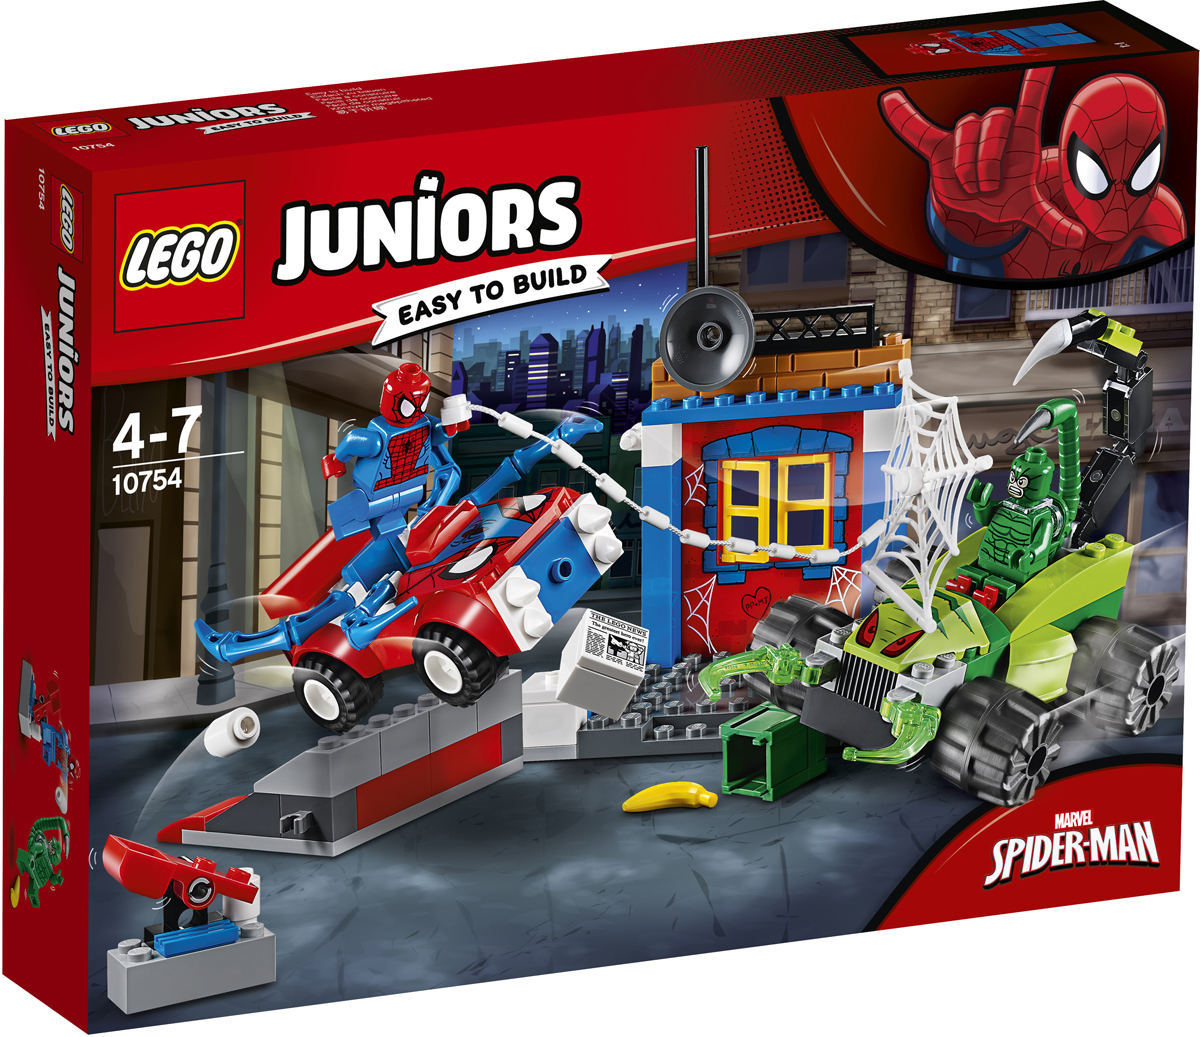 LEGO Juniors 10754 Решающий бой Человека-паука против Скорпиона Конструктор конструктор lego решающий бой человека паука против скорпиона 125 элементов 10754